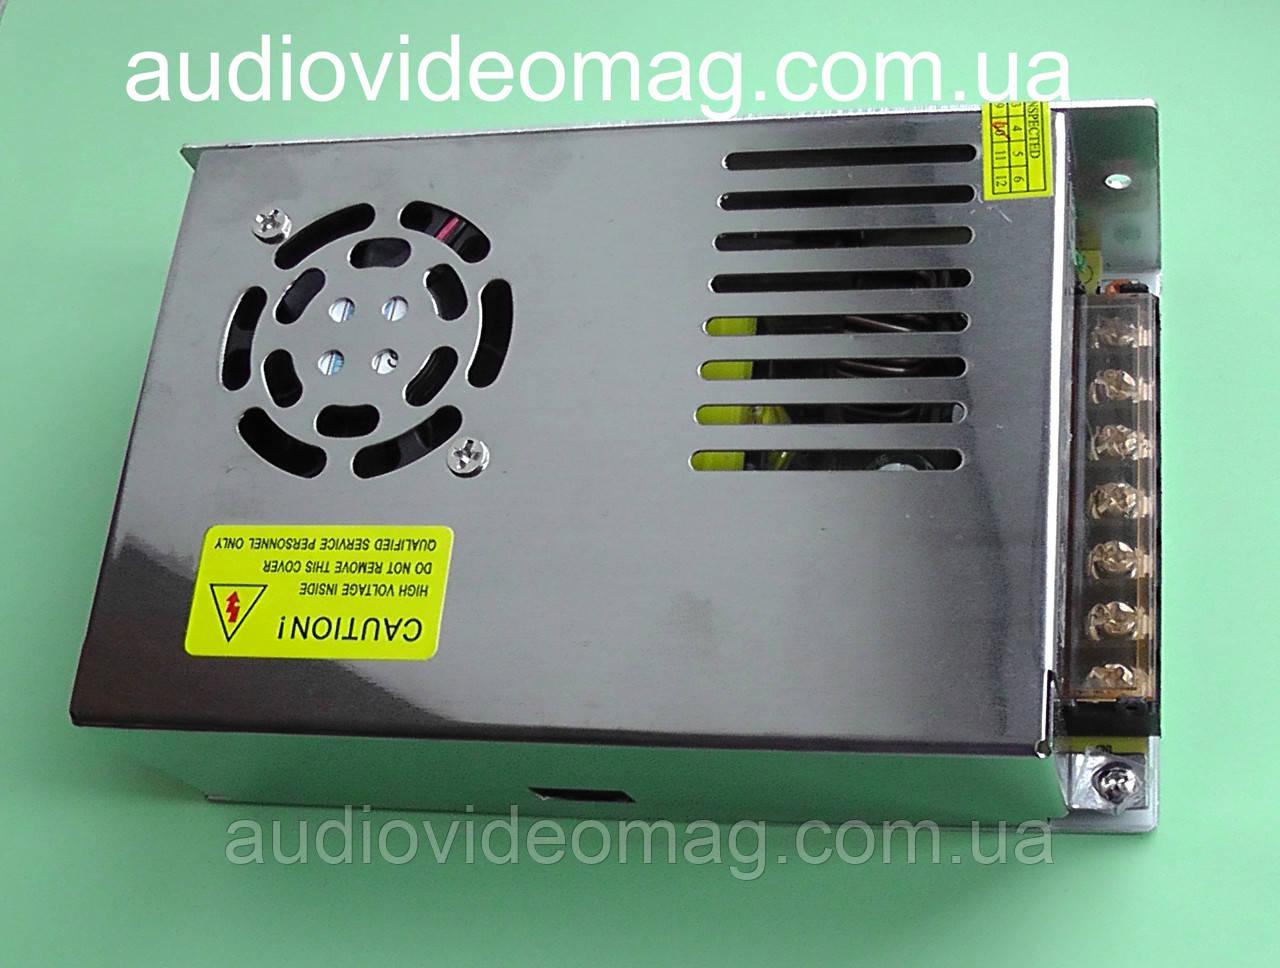 Блок питания 12V 20A (IP20) 240 Wt для светодиодных лент